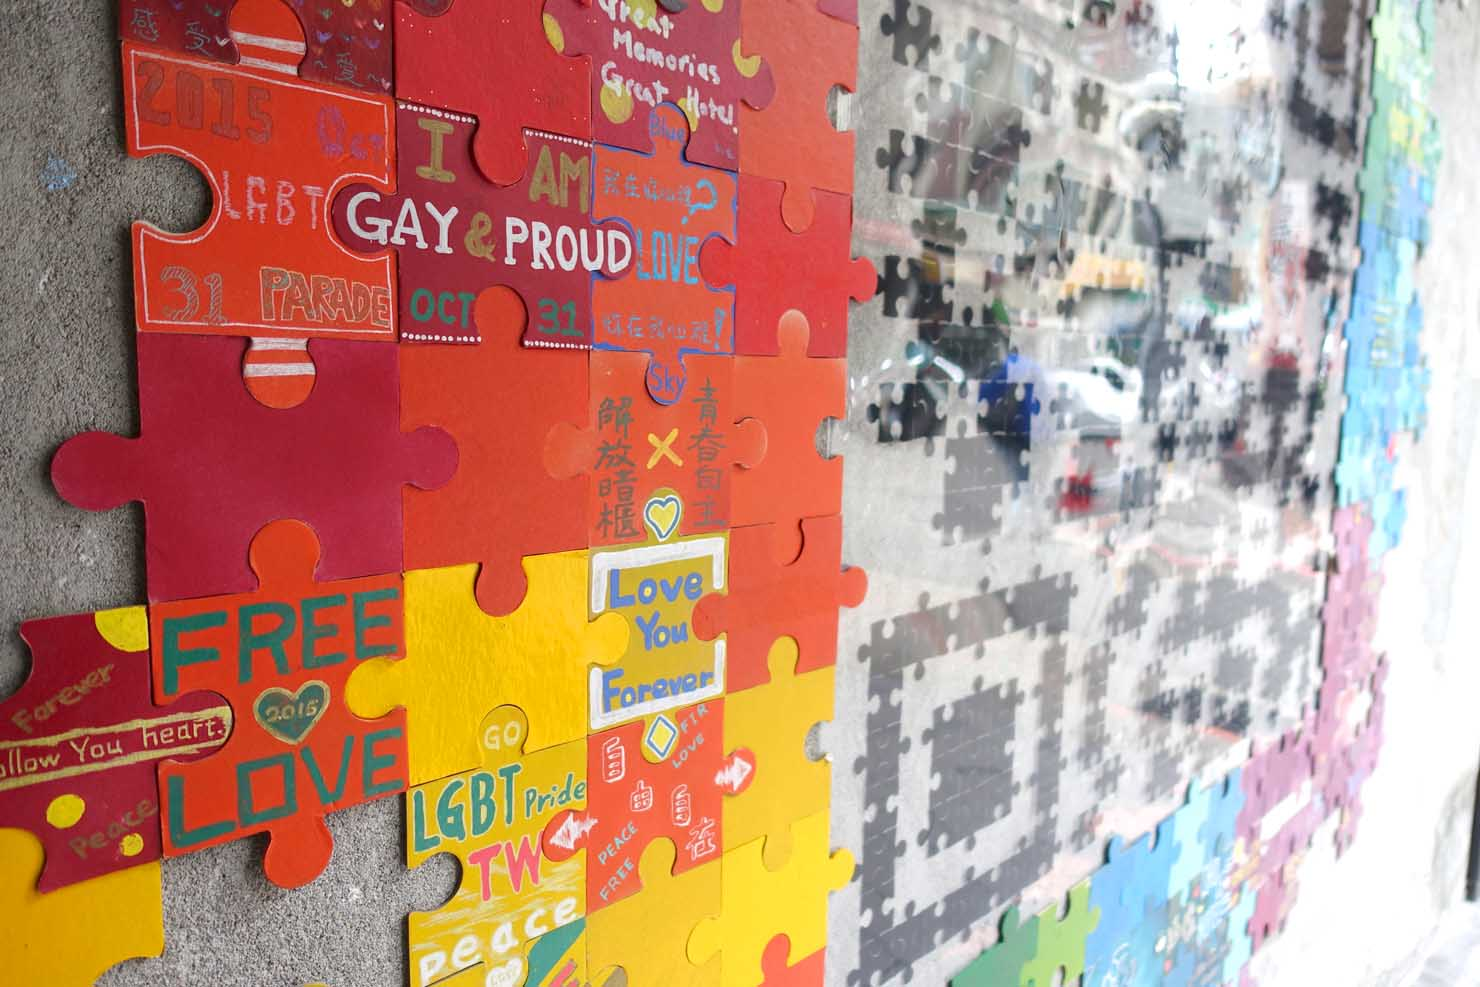 台灣同志遊行(台湾LGBTプライド)期間限定でレインボーに染まる台北・西門町のLGBTフレンドリーホテル「町・記憶旅店 Cho Hotel」エントランスクローズアップ